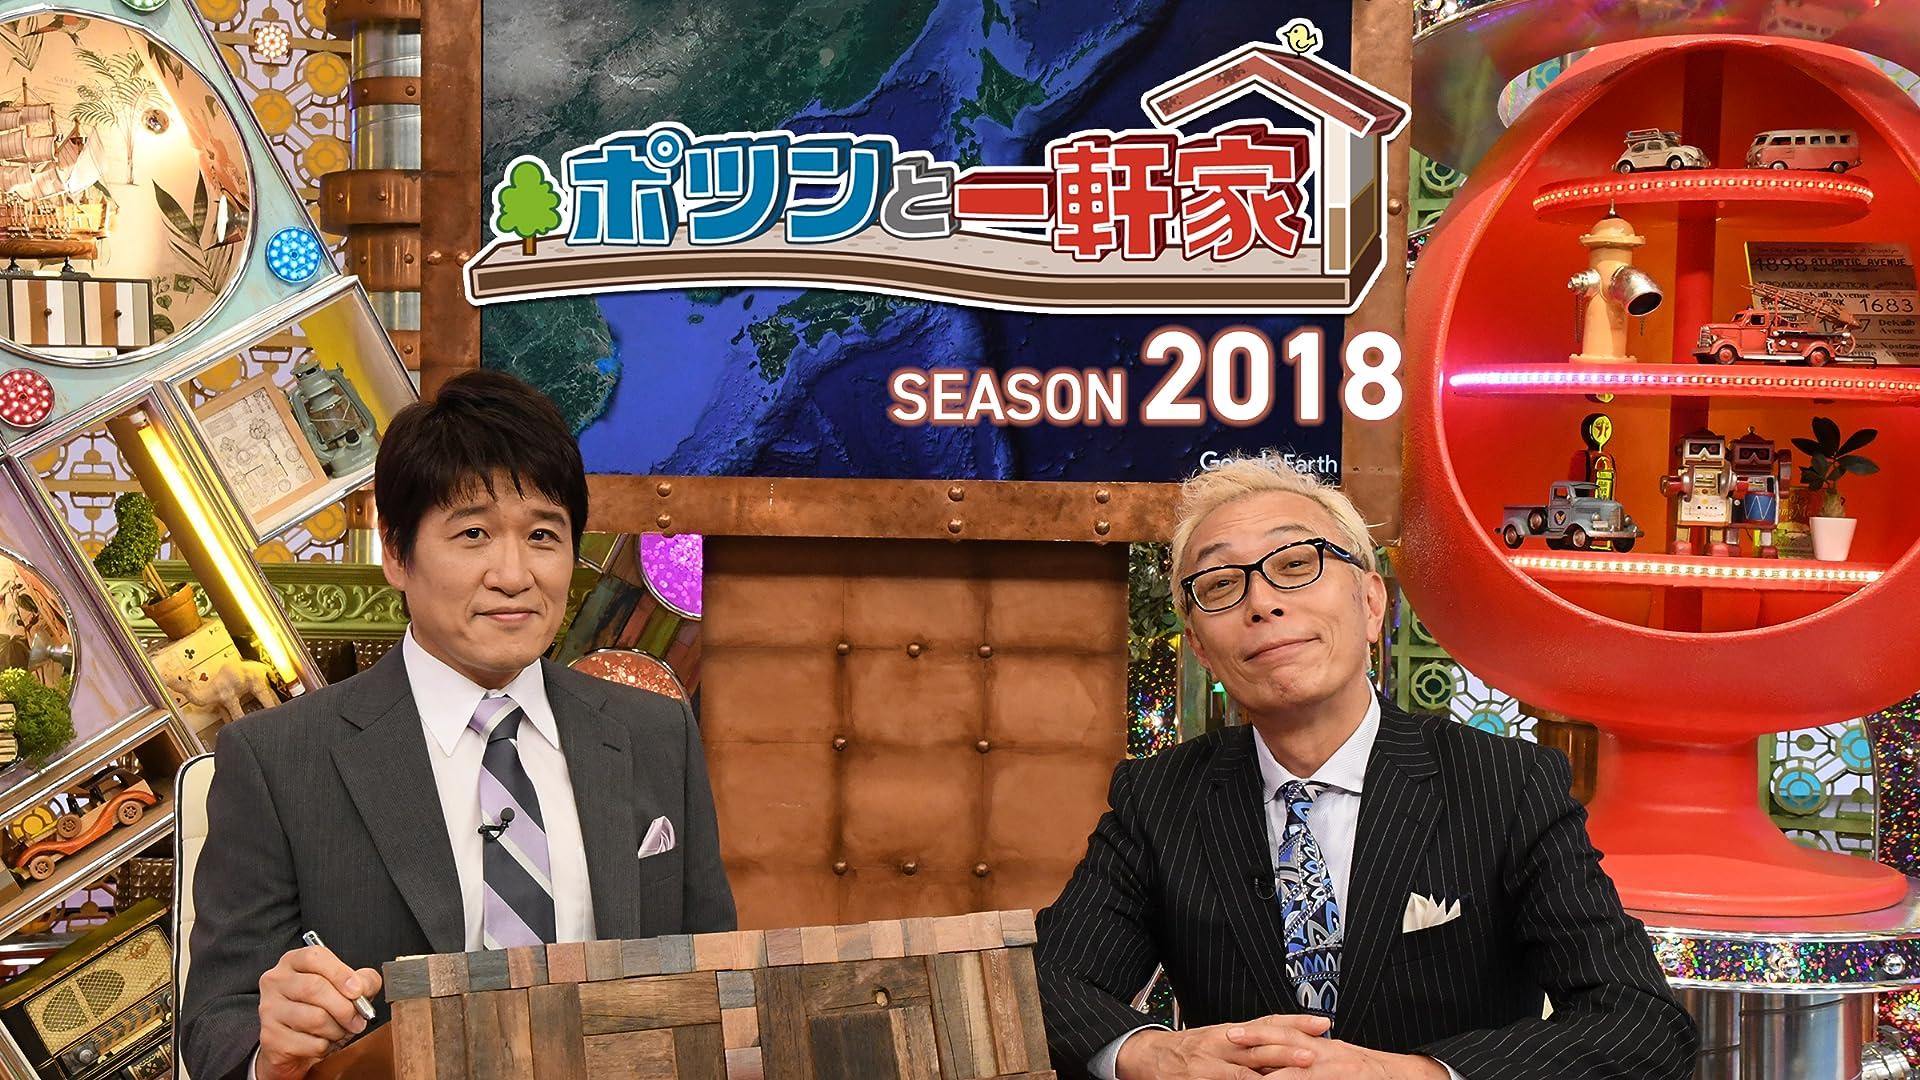 〈奈良県にあるポツンと一軒家〉〈三重県にあるポツンと一軒家〉〈長野県にあるポツンと一軒家〉 〈宮崎県にあるポツンと一軒家〉〈新潟県にあるポツンと一軒家〉